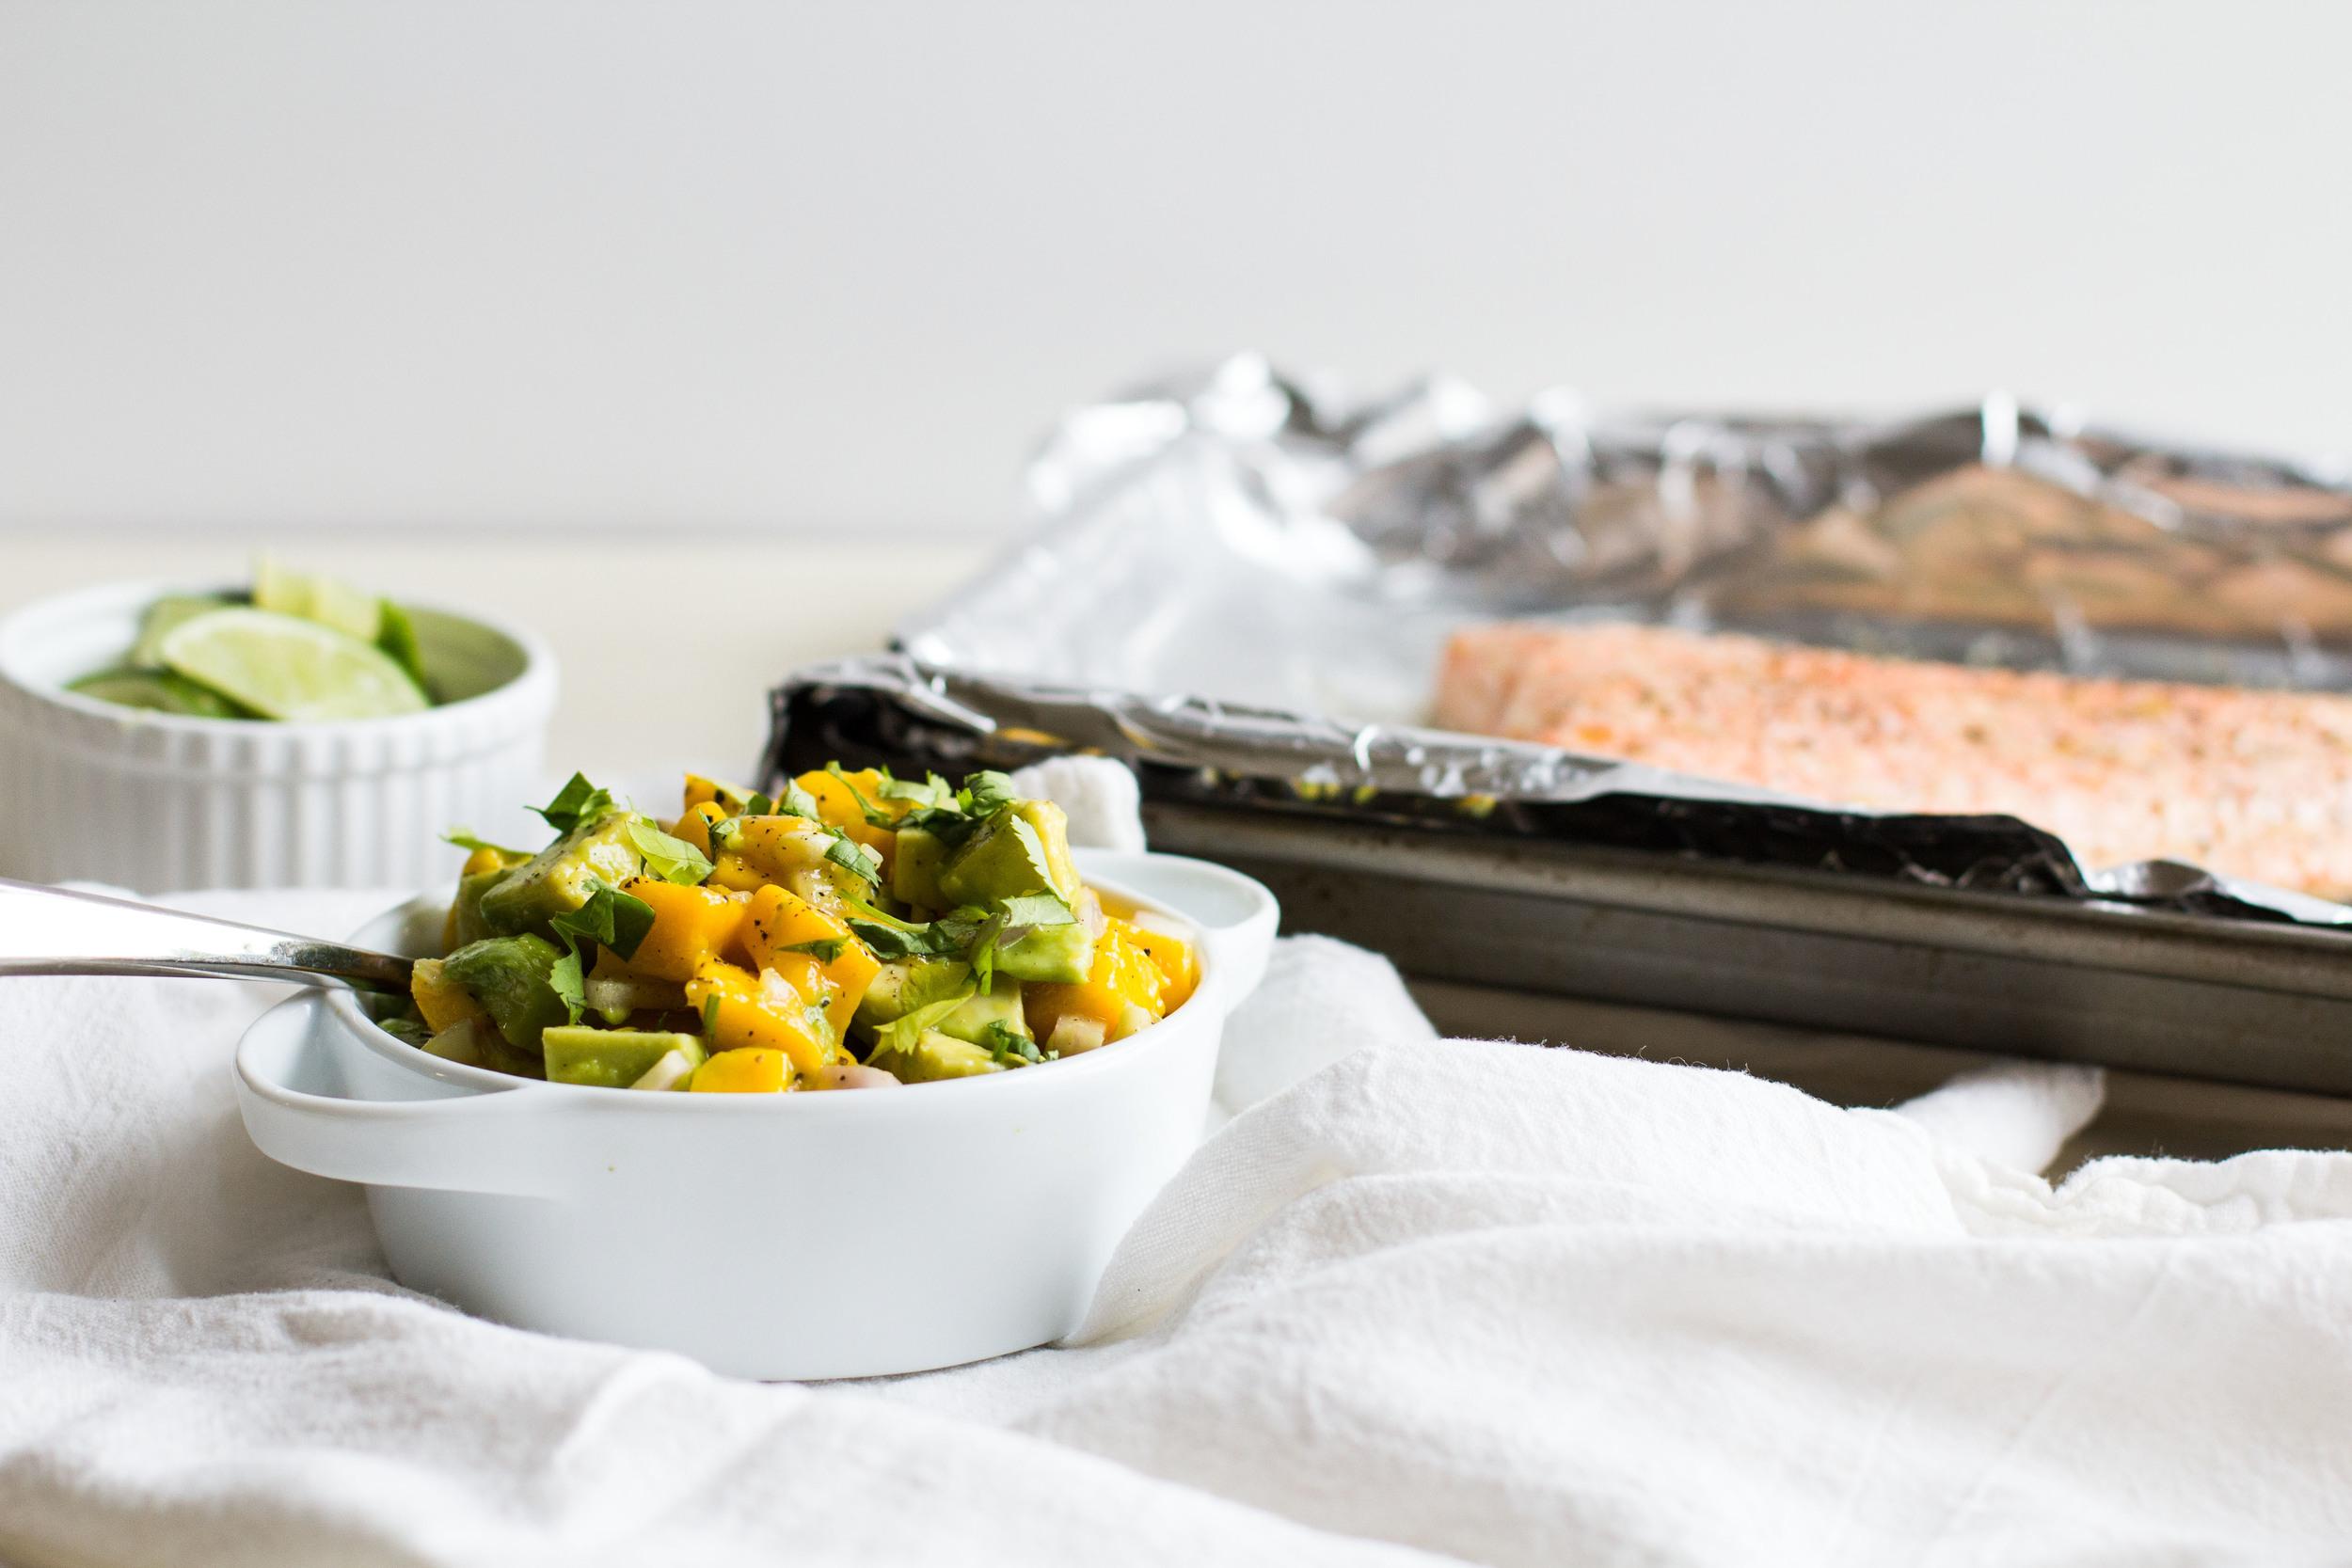 Baked Salmon with Mango-Avocado Salsa   Sarah J. Hauser